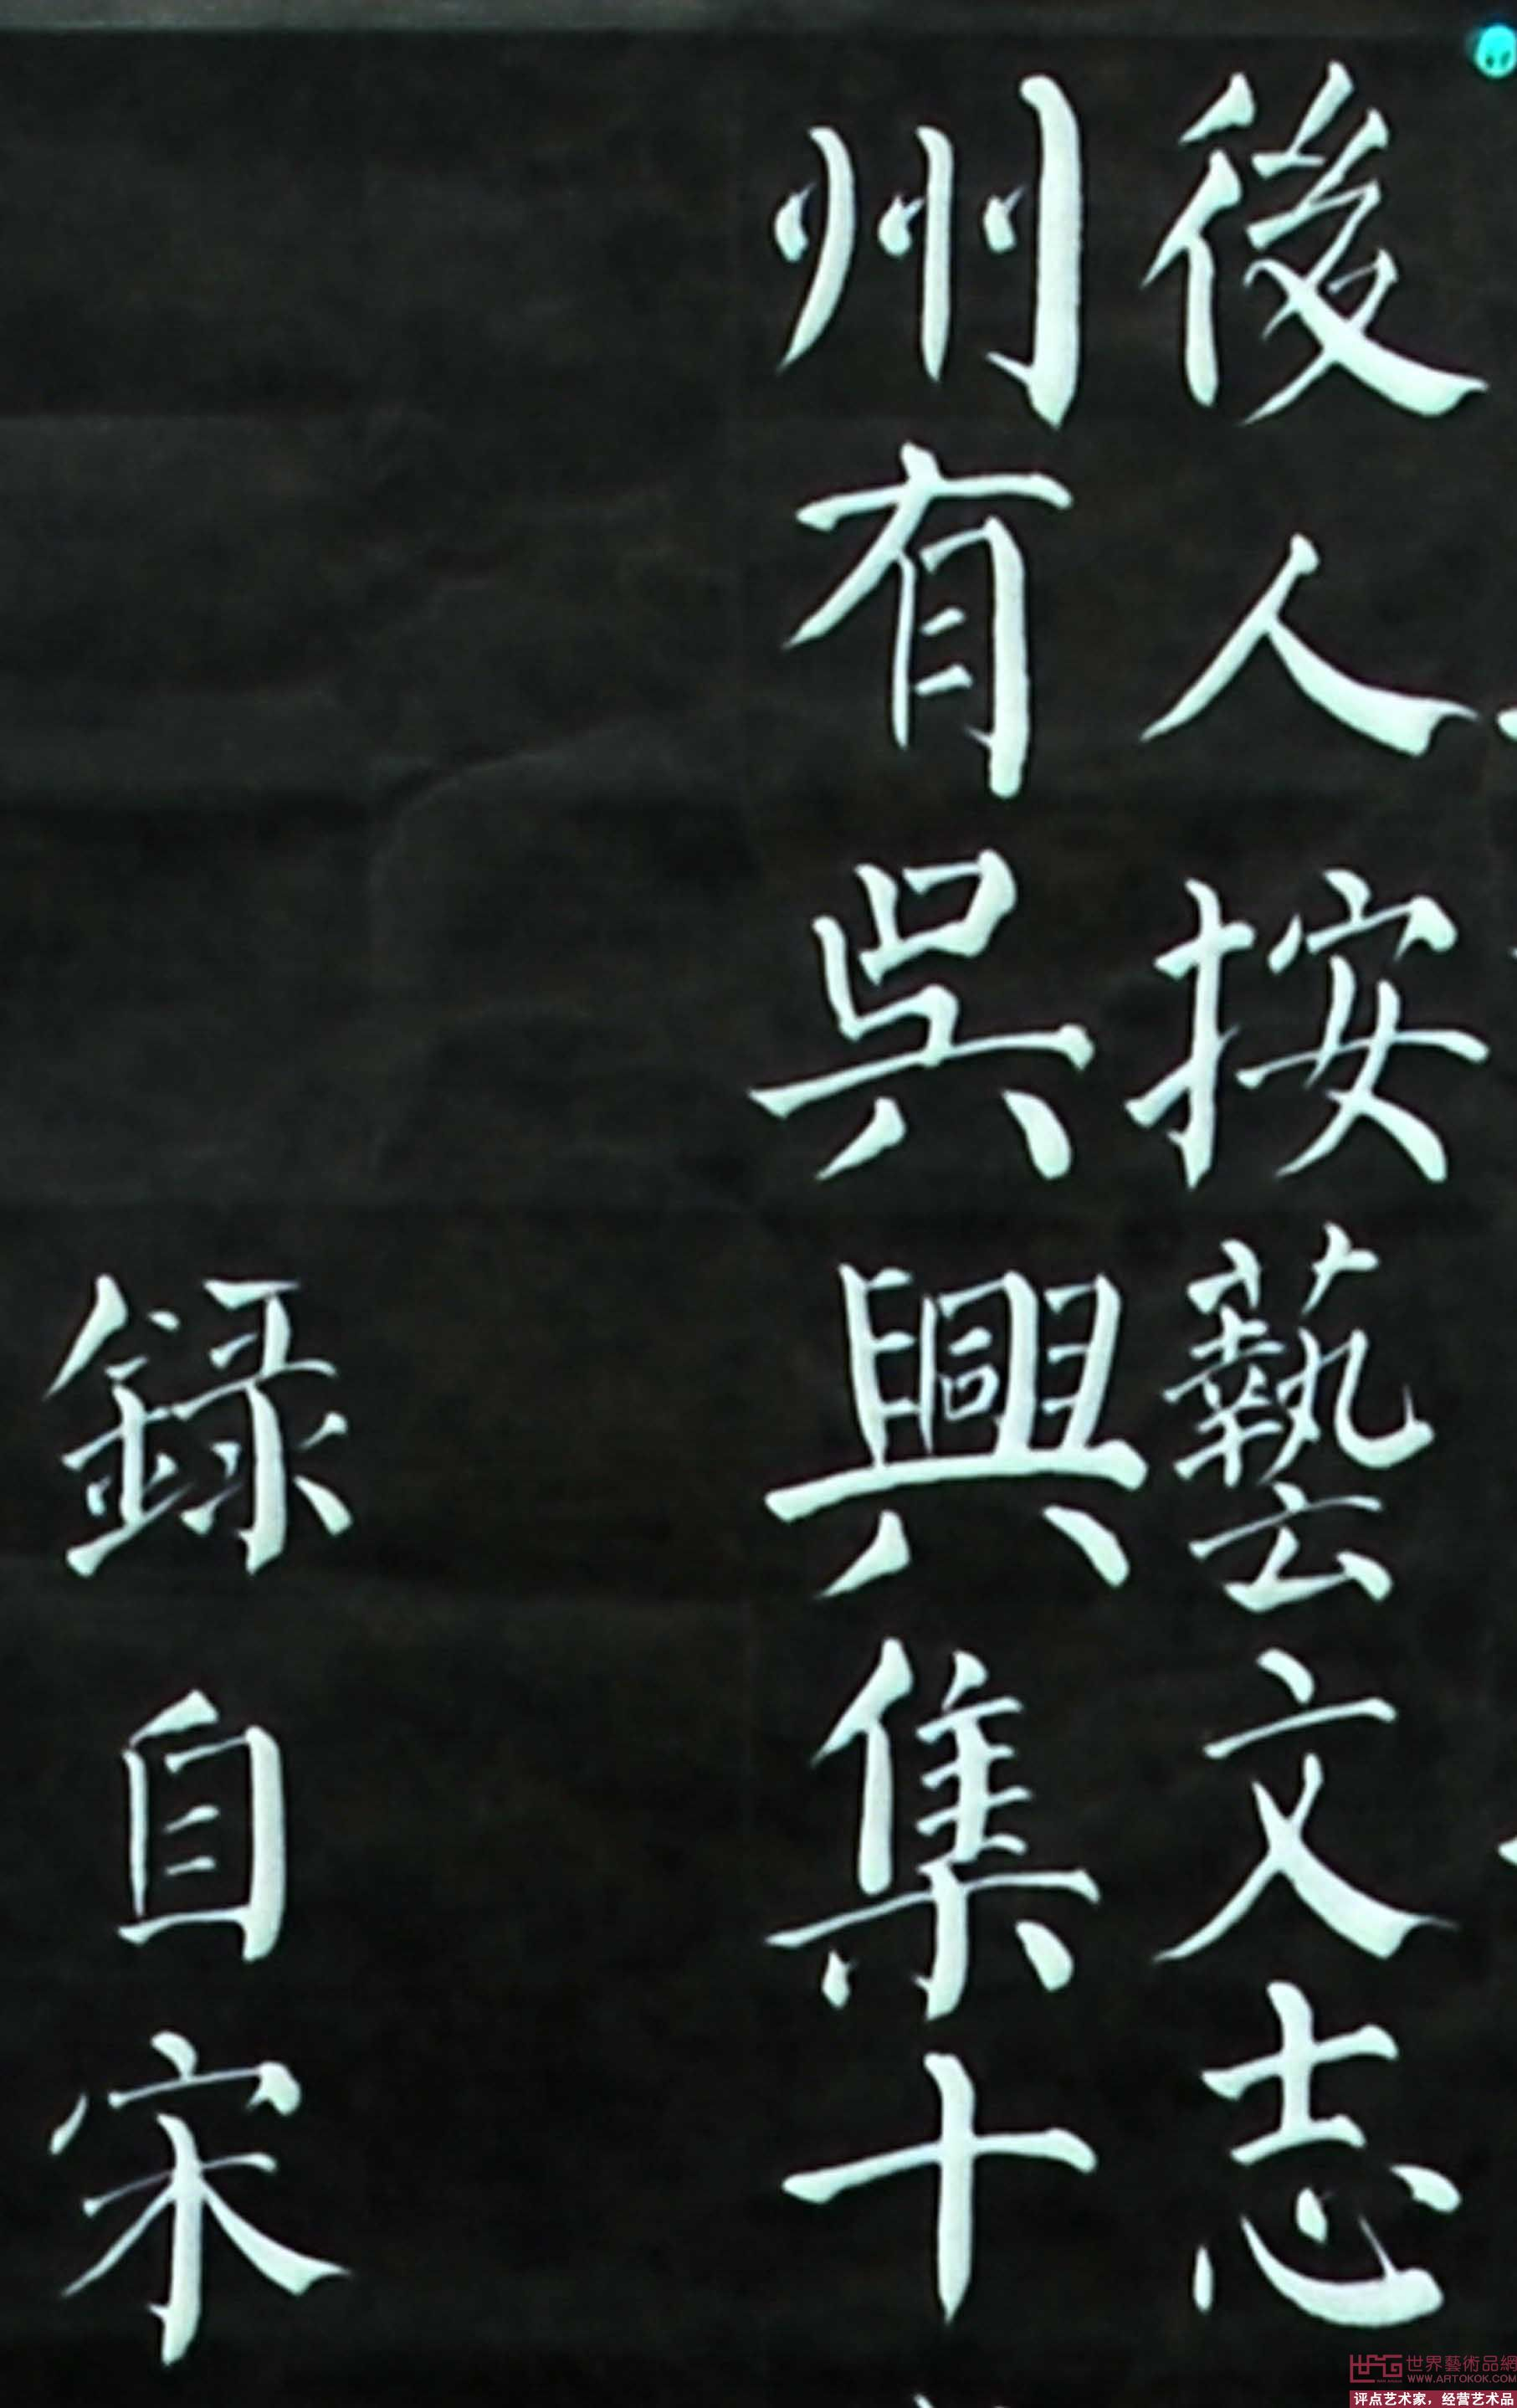 咸忠颜体楷书宋留元刚之《颜真卿文集后序》13图片